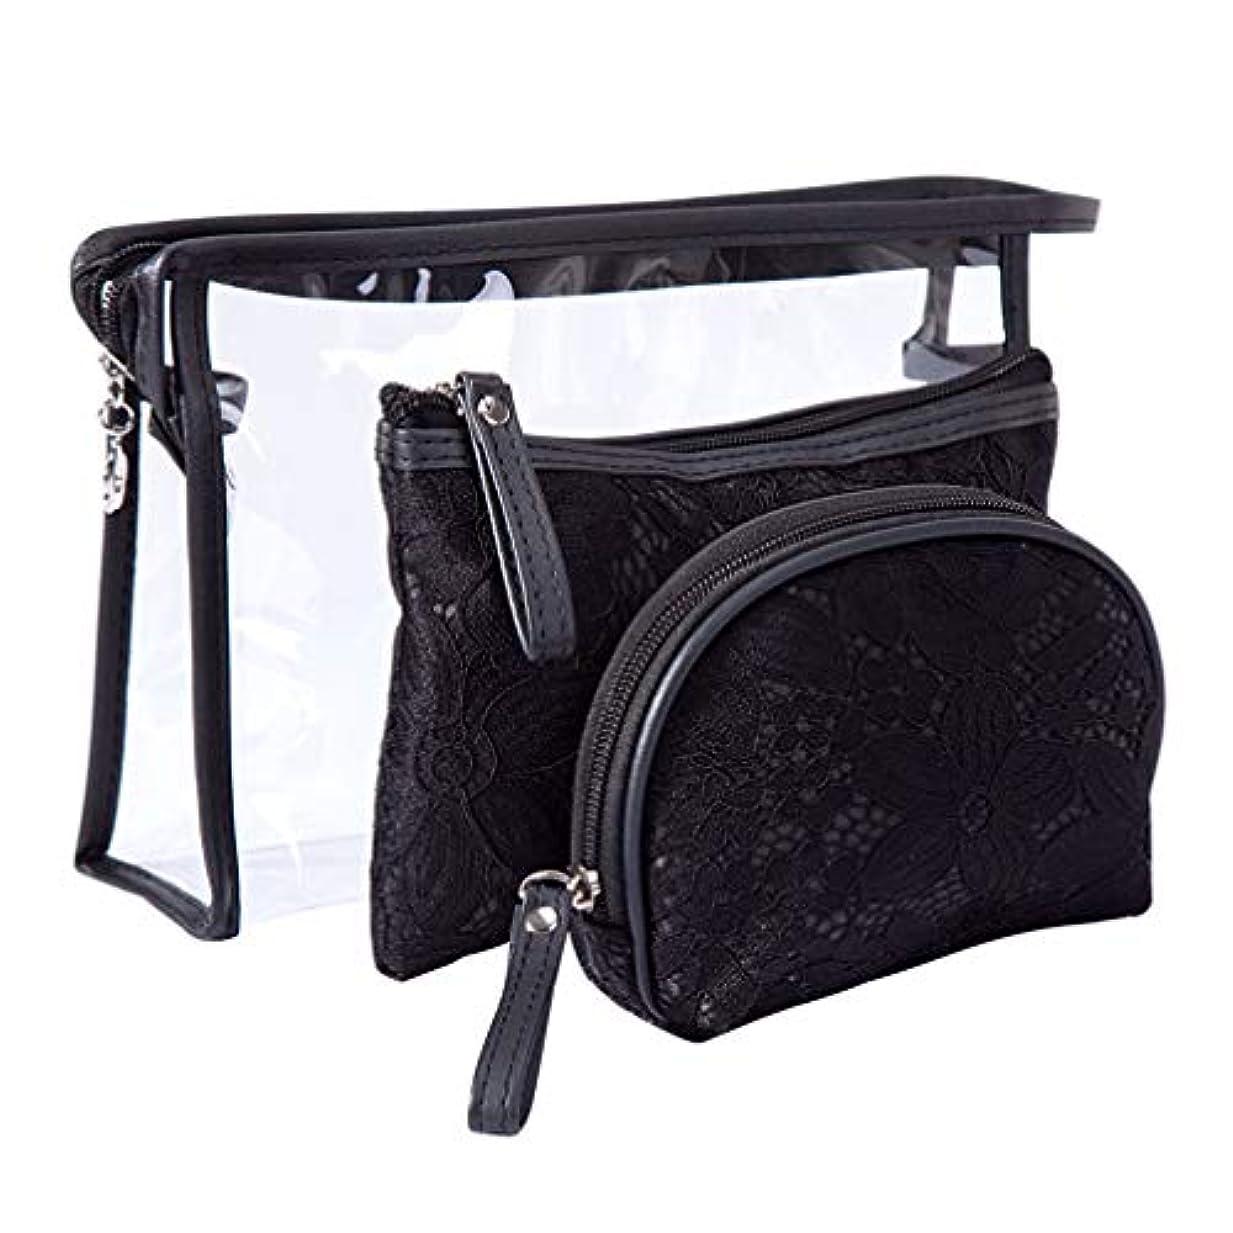 ズボンマラソン鳴らすAllforlife 化粧ポーチ 洗面具ポーチ トラベルポーチ 多機能な収納バッグ 実用3点セット 持ち運び用 大容量 かわいい(ブラック)